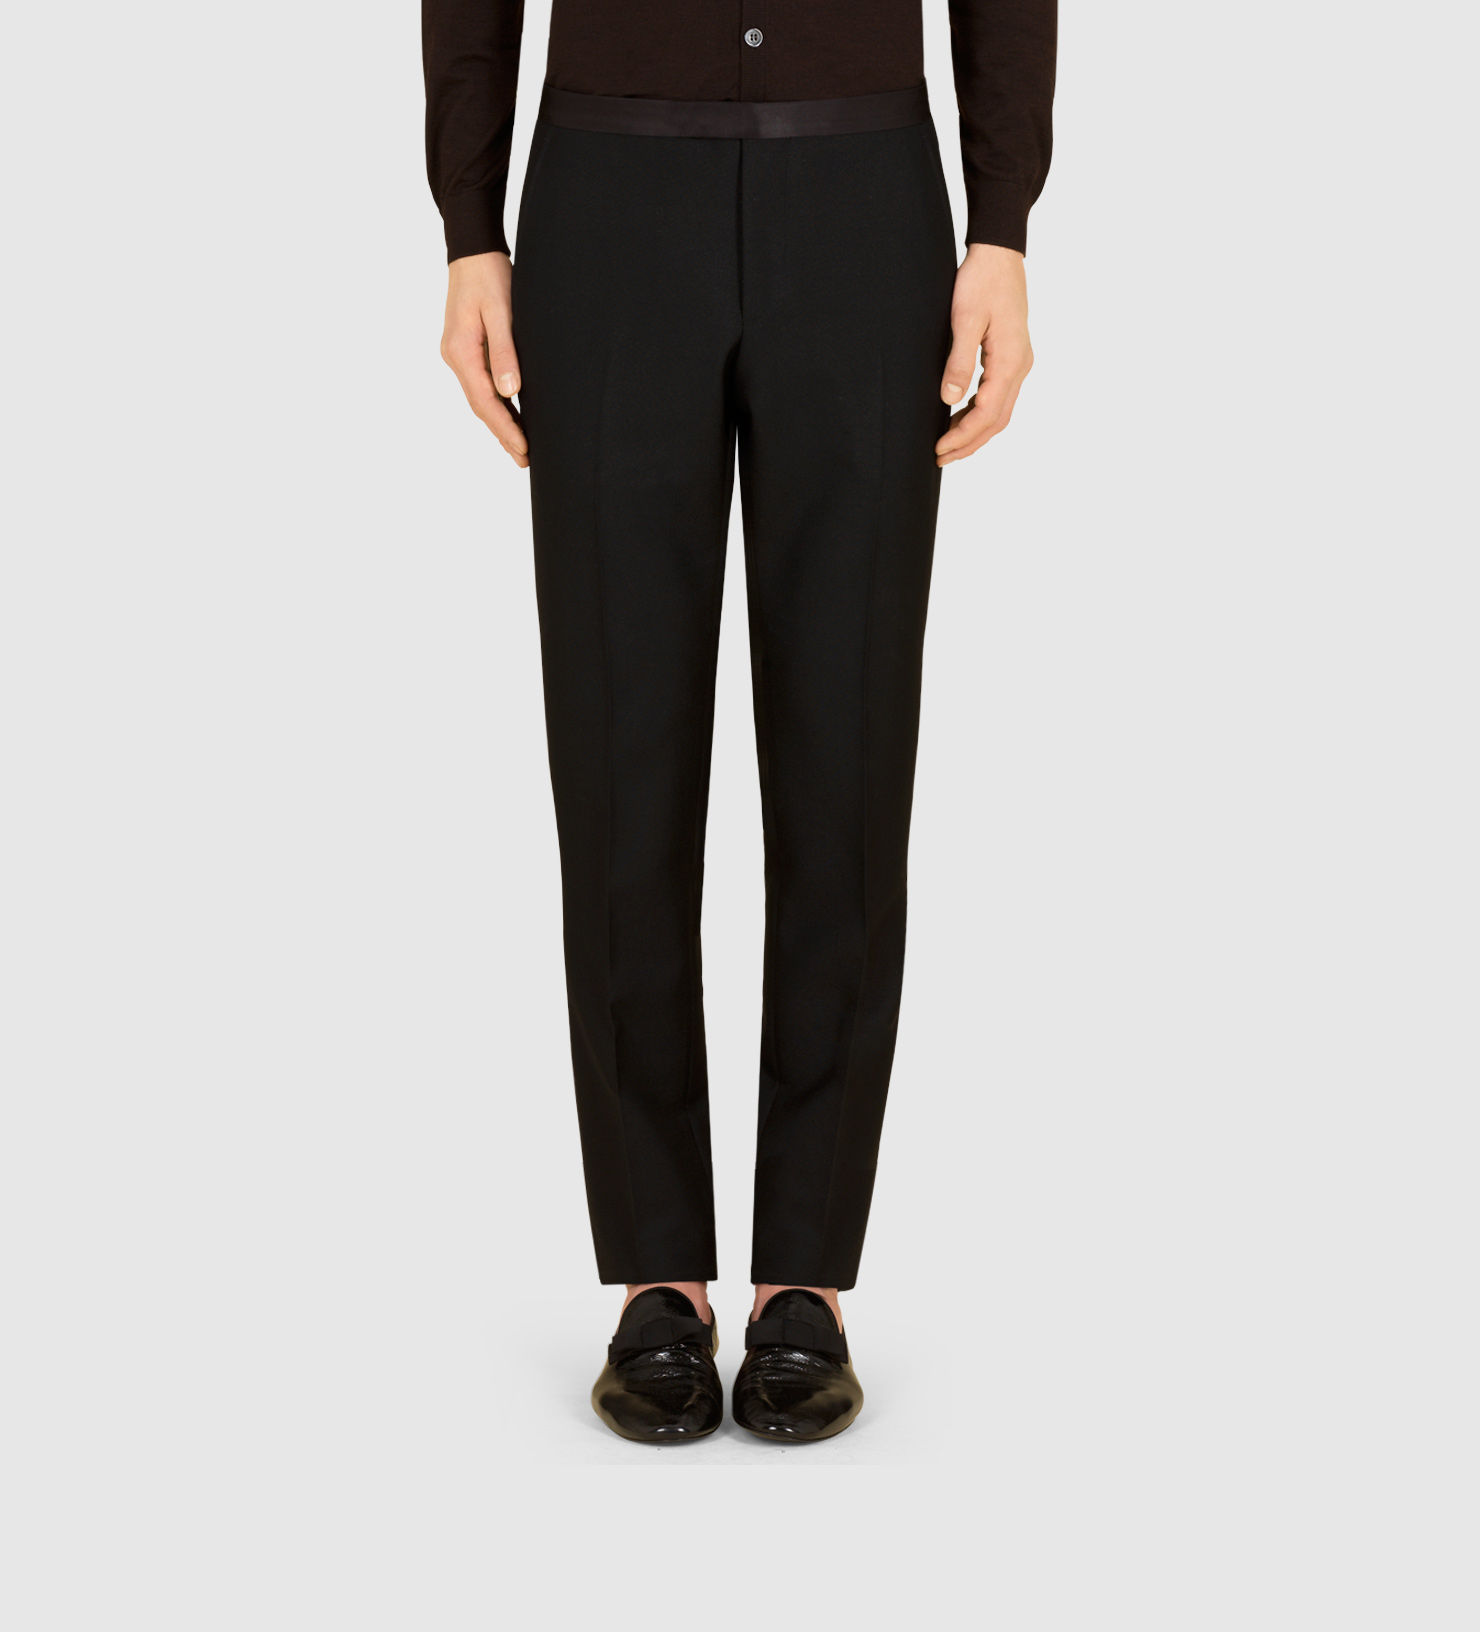 Houndstooth Pantalon De Survêtement Mohair Laine Gucci 5BYRwWD